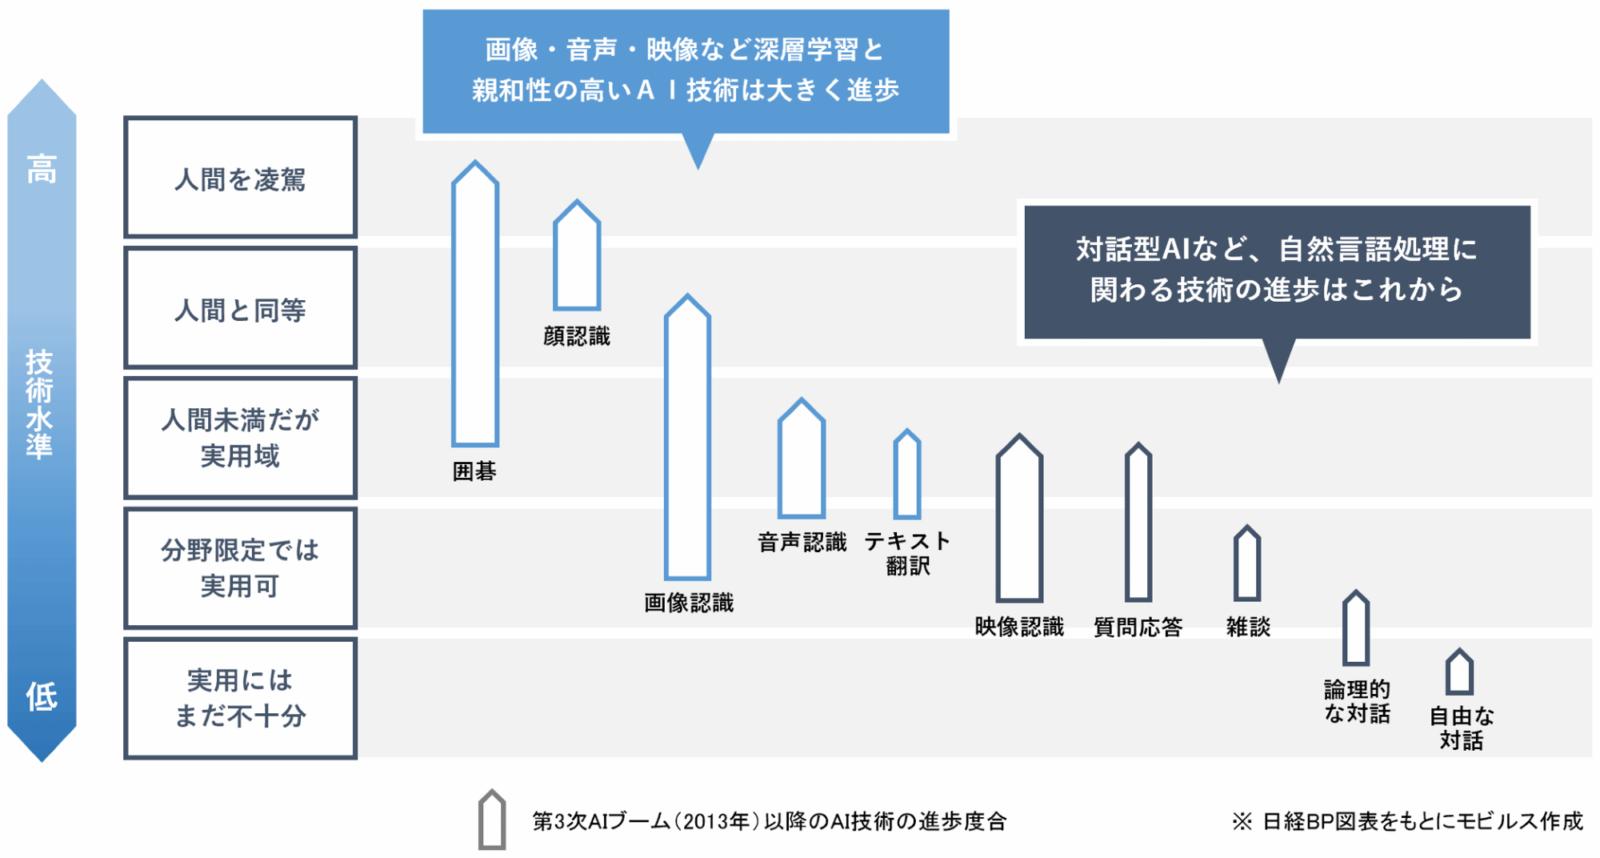 領域ごとに大きく異なるAI技術の進捗度合いの表